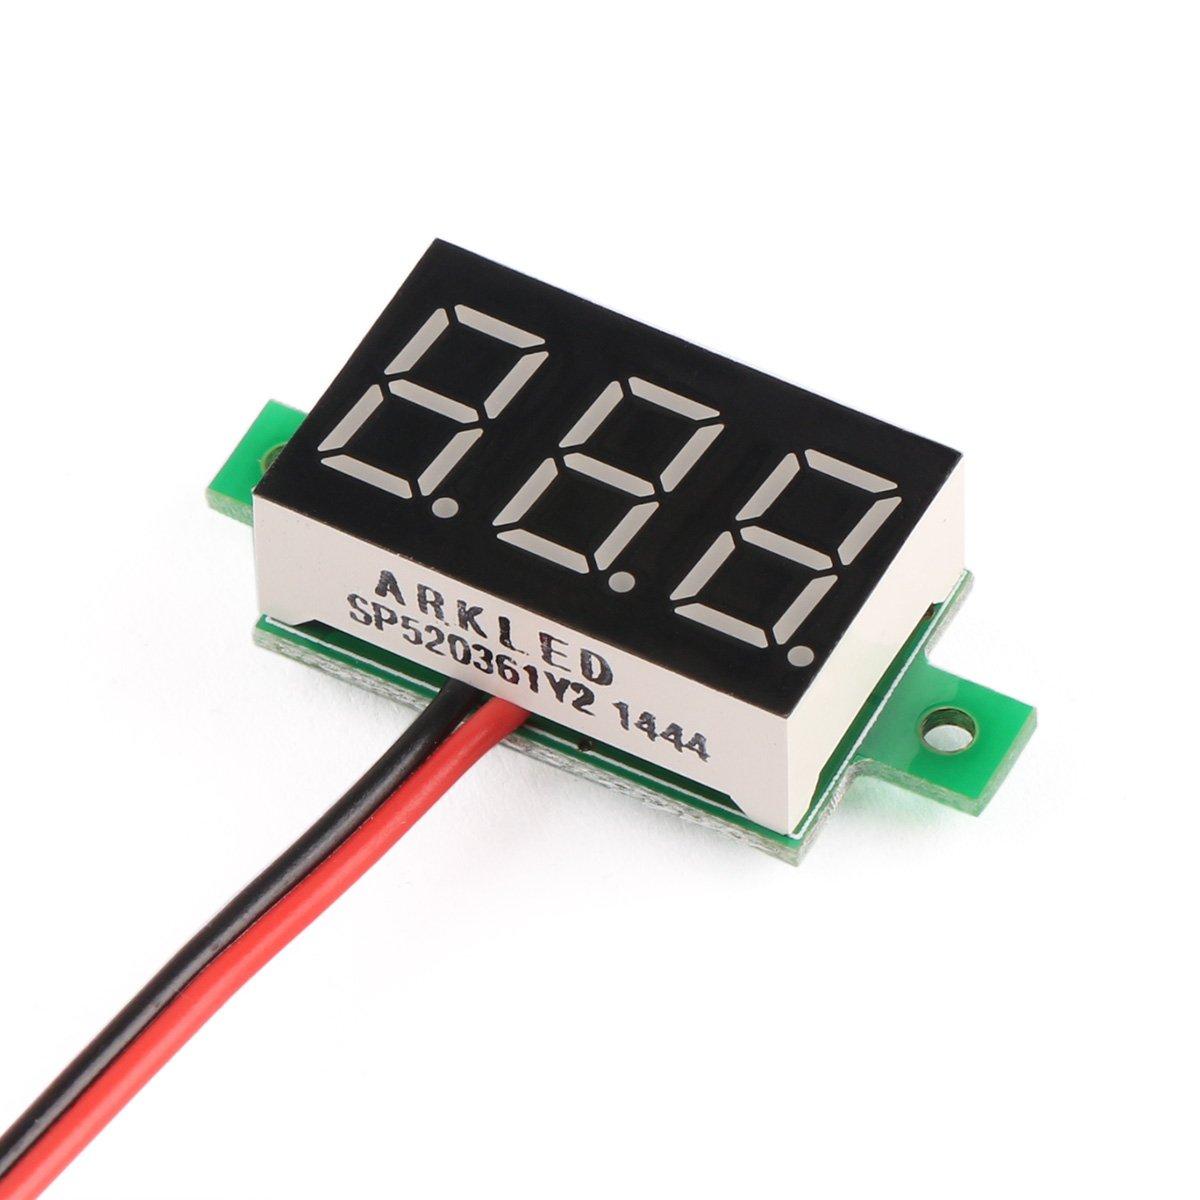 Drok Small Digital Dc Volt Panel Electronics Voltmeter Motorcycle Battery Monitor Car Voltage Tester 12 24v 036 330v Blue Led 2 Wires Home Improvement